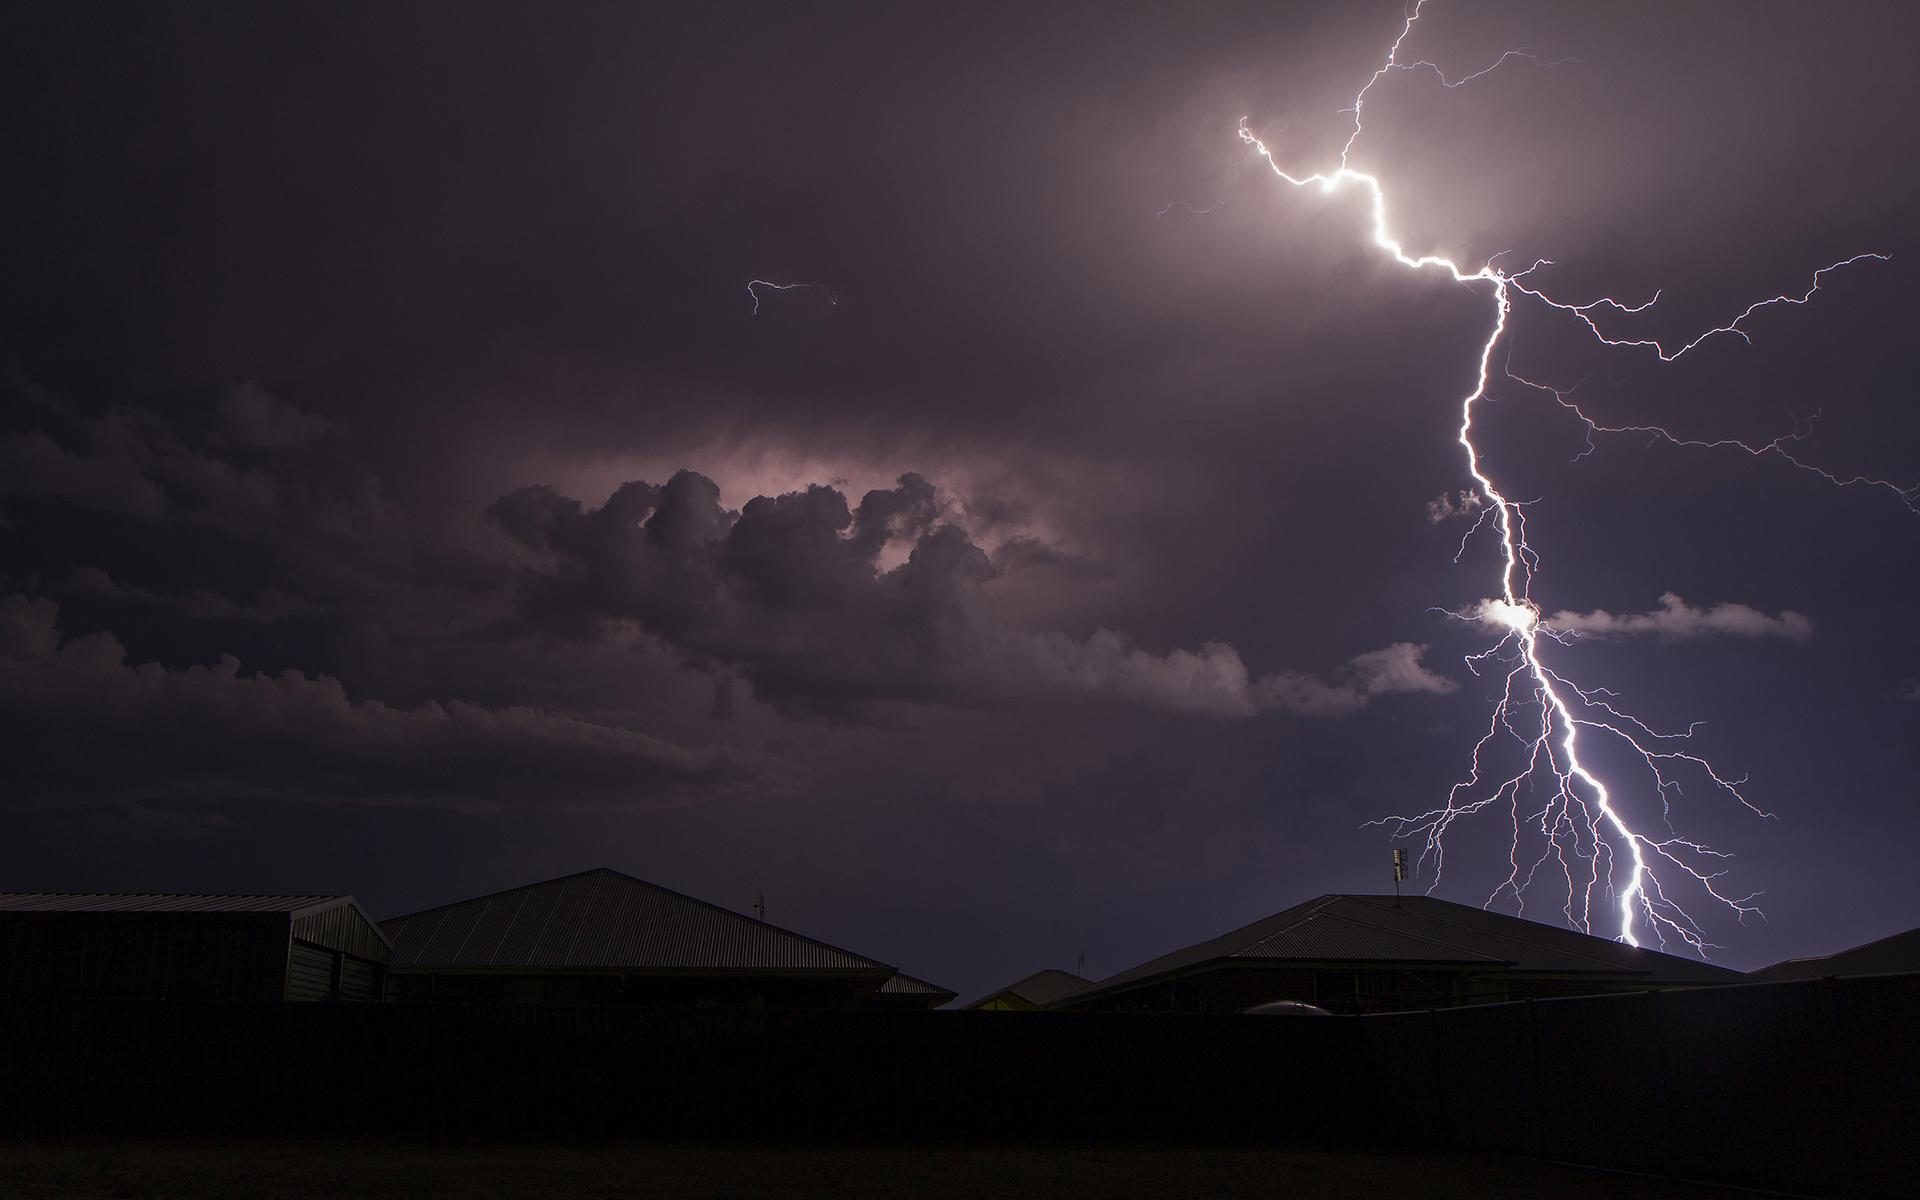 картинки молния и свет в ночи характерны скромный расход